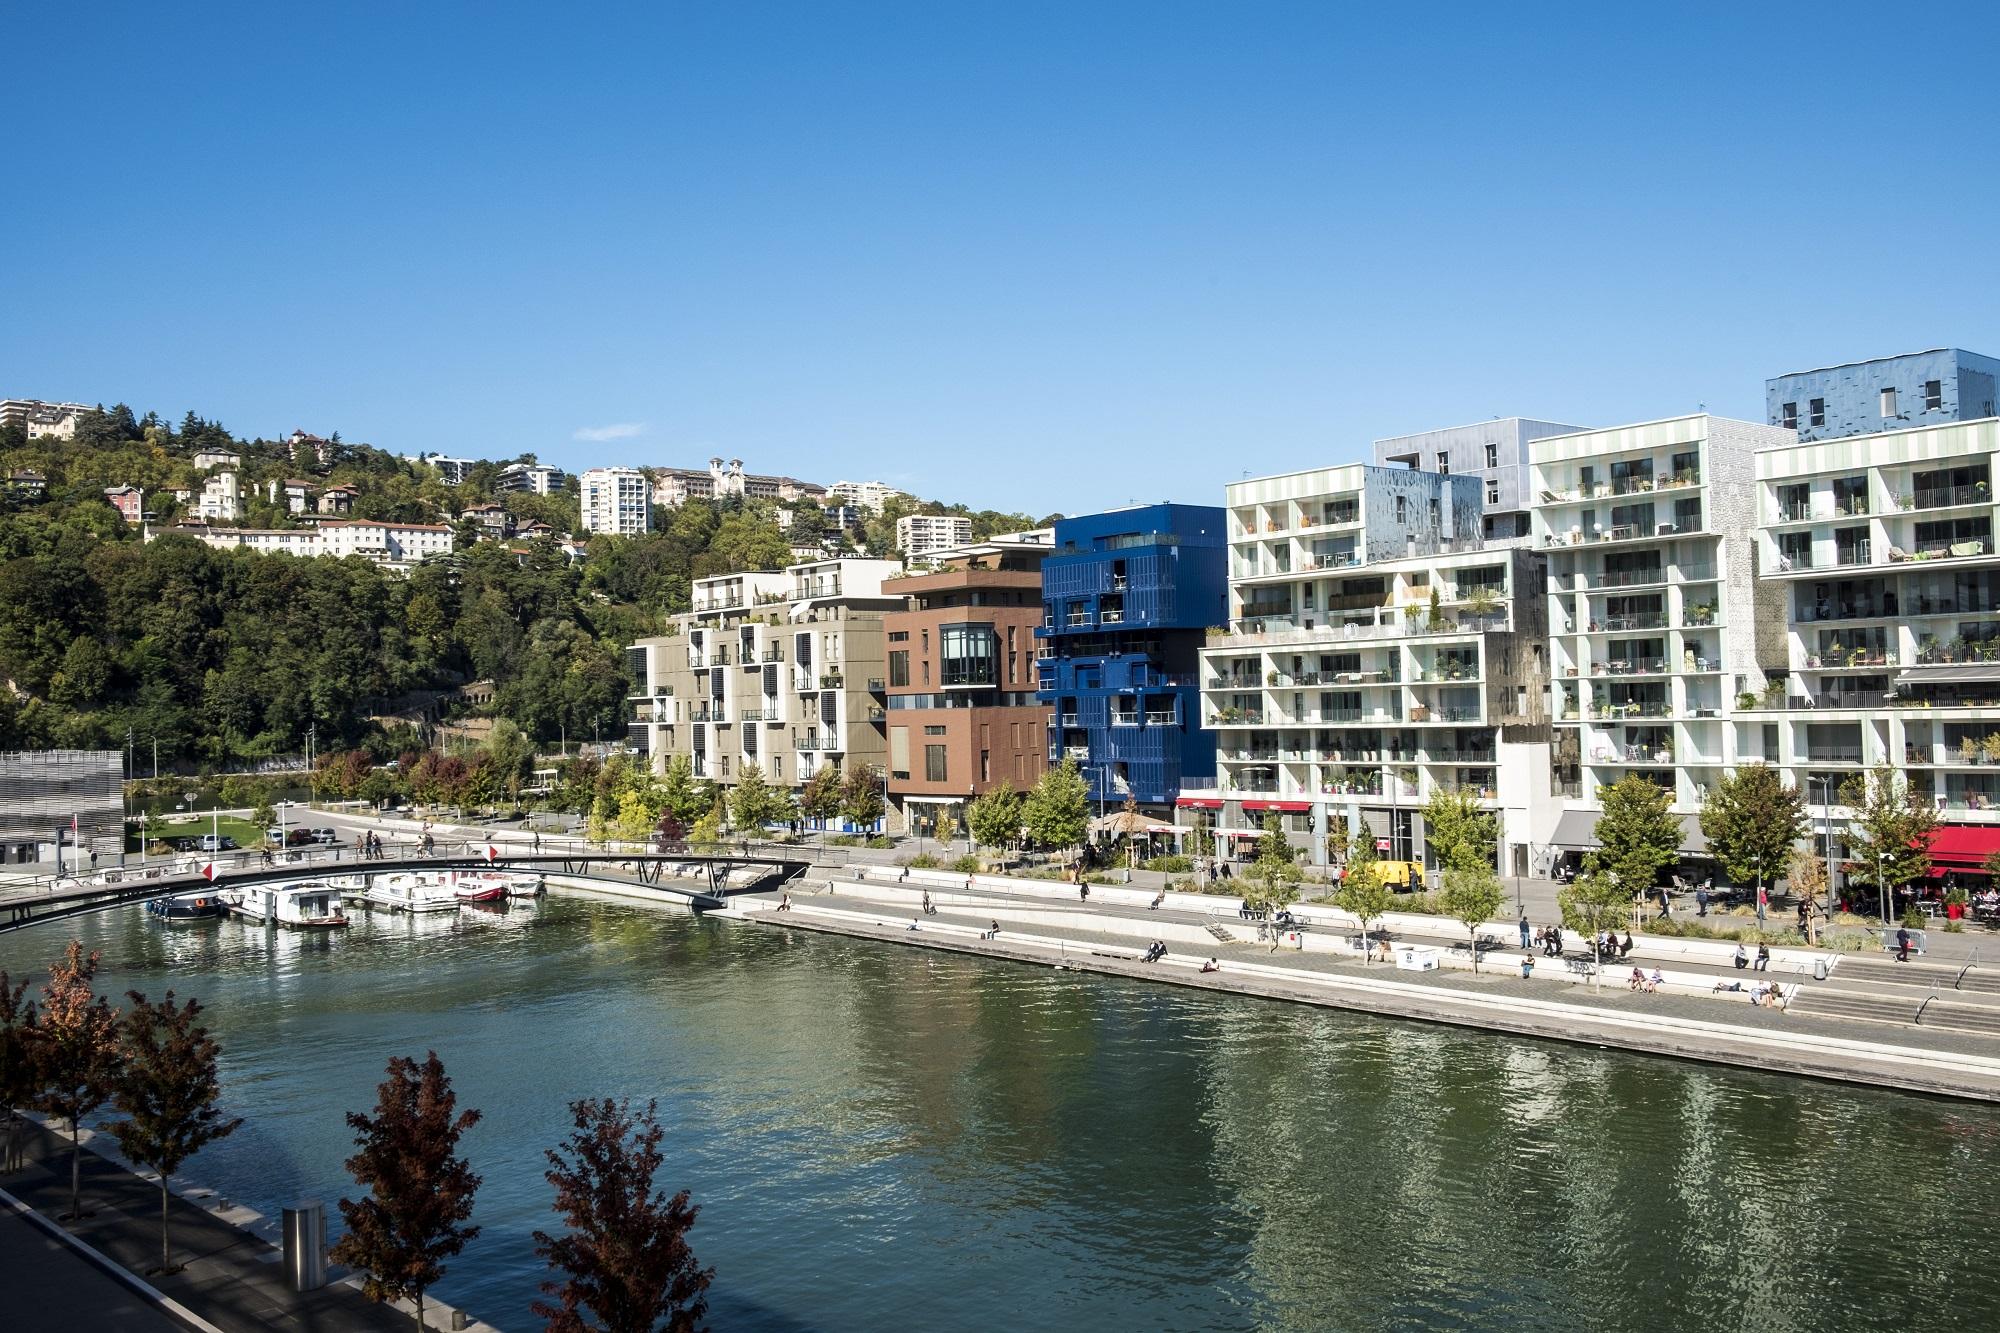 Immobilier neuf : comment se porte le marché lyonnais ?